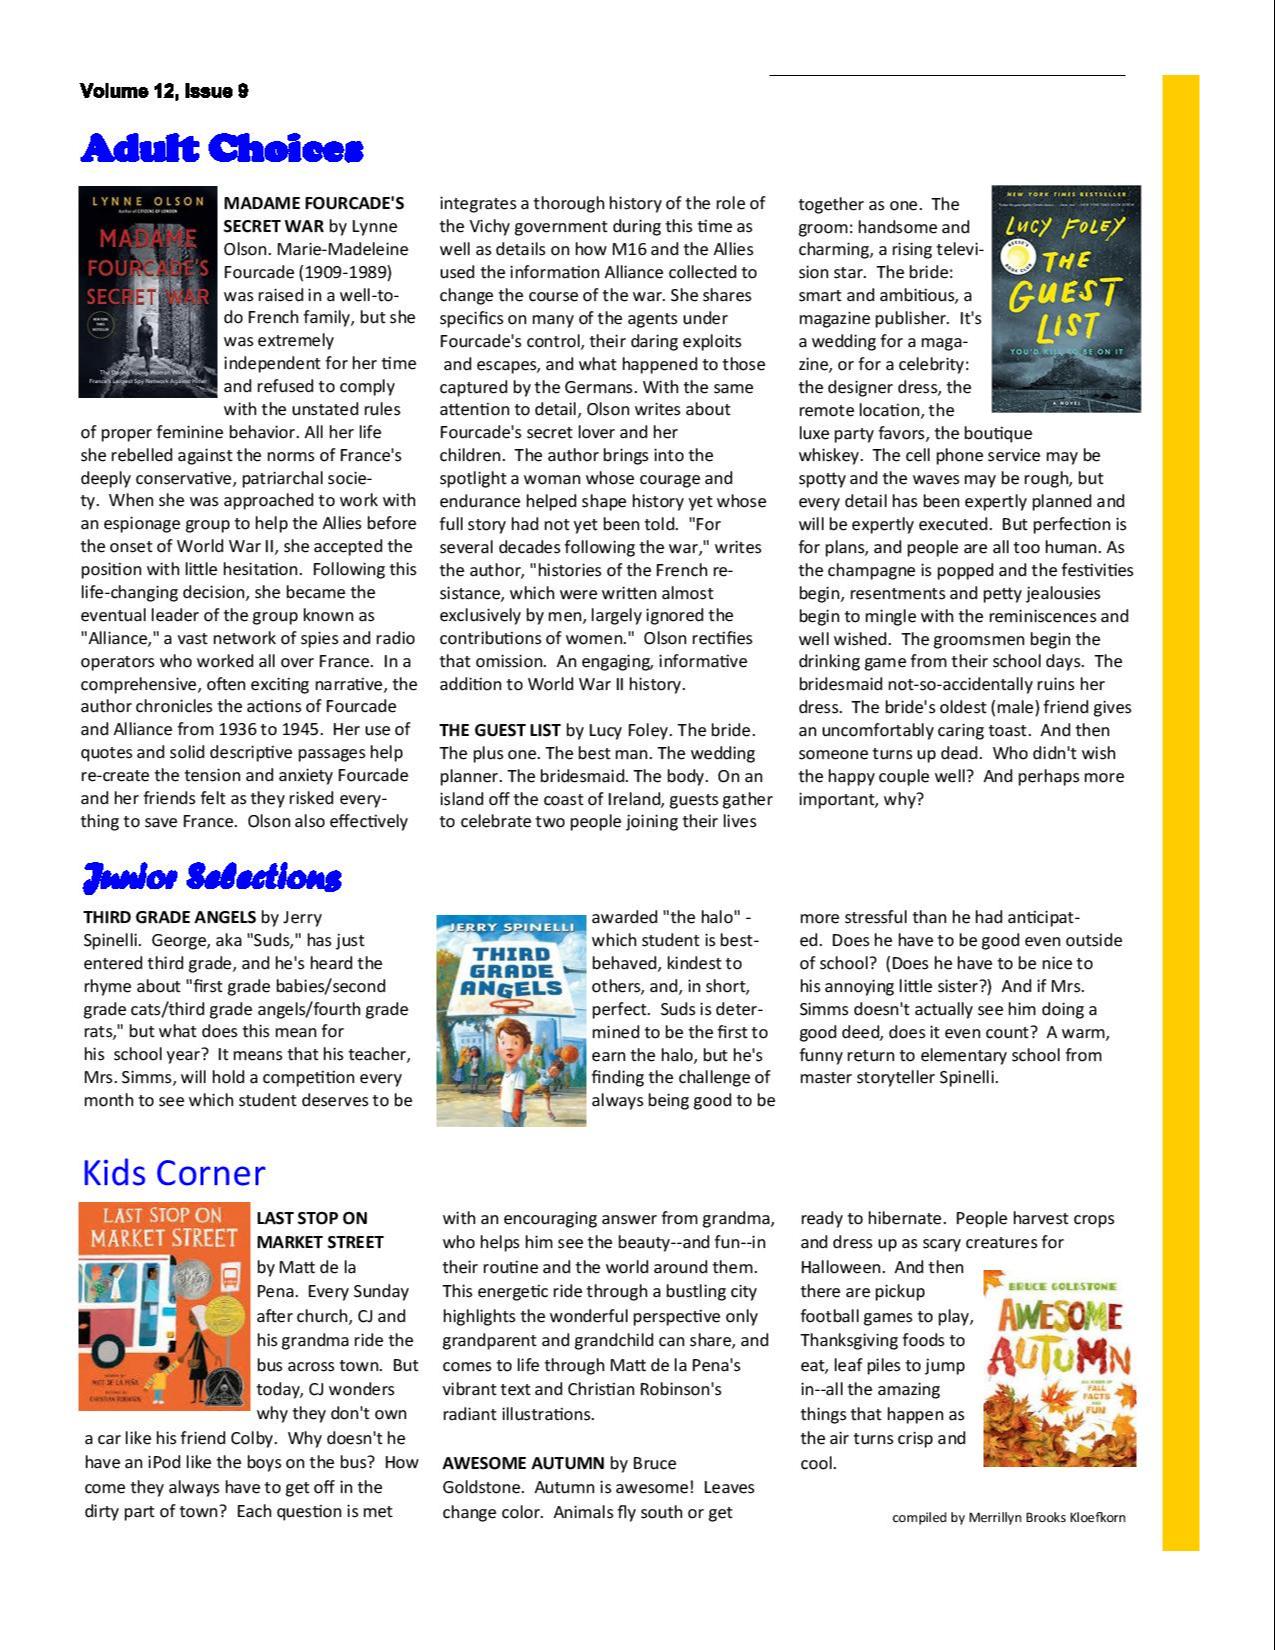 LPL Page 3